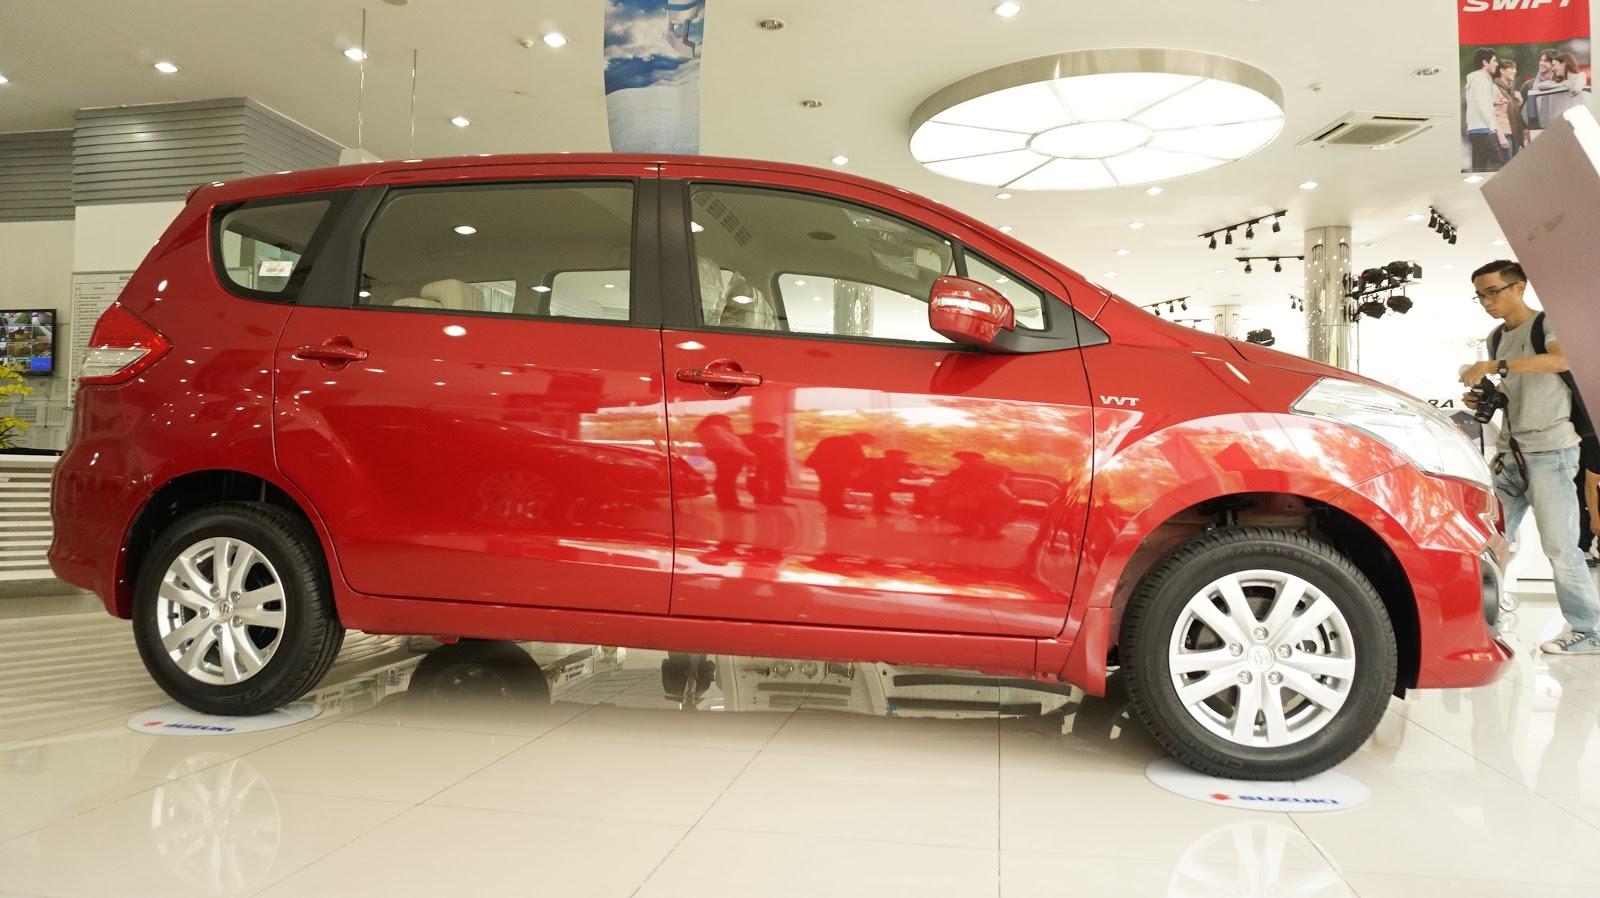 Suzuki Ertiga 2016 hứa hẹn sẽ tạo cơn sốt trong phân khúc xe gia đình giá rẻ, chỉ 639 triệu đồng